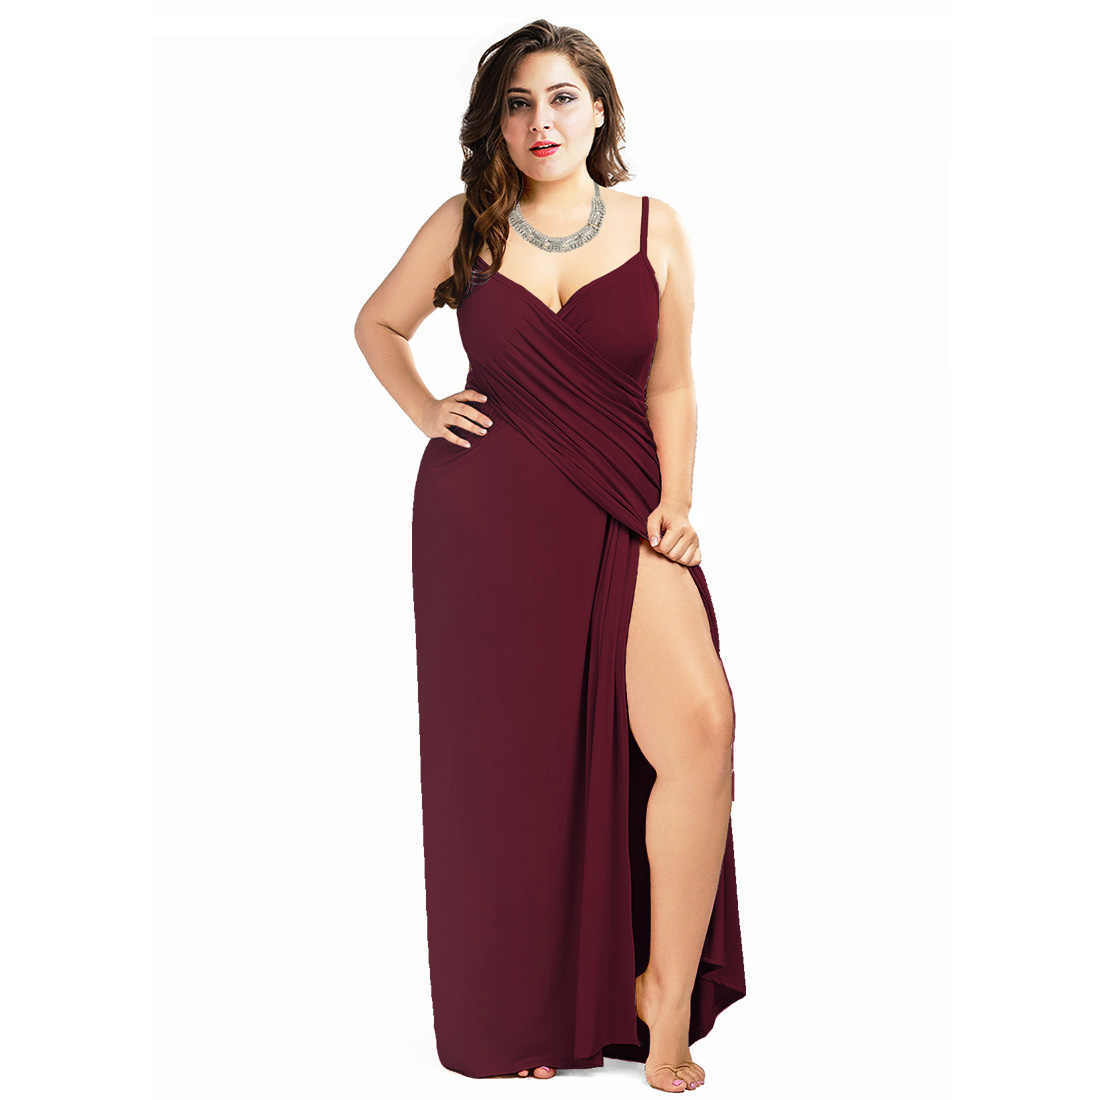 2019 ผู้หญิงเซ็กซี่ฤดูร้อนชุดว่ายน้ำบิกินี่ Cover Up Beach Dress Plus ขนาด Wrap ชุดว่ายน้ำ Beachwear นุ่ม Holiday One ชิ้น